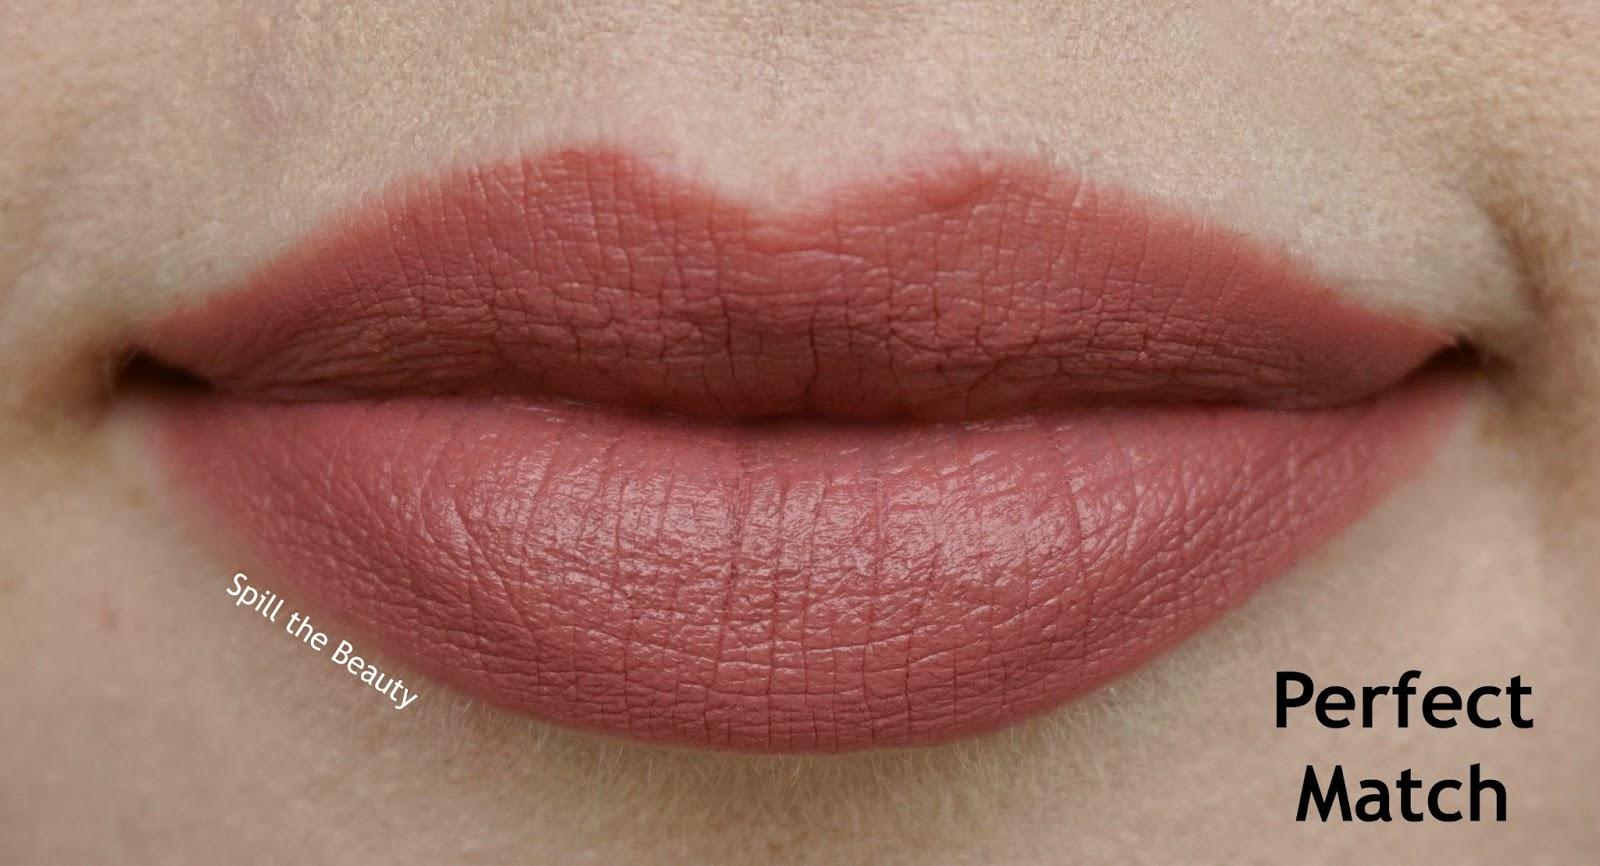 essence matt matt matt lipstick review swatches 2 perfect match